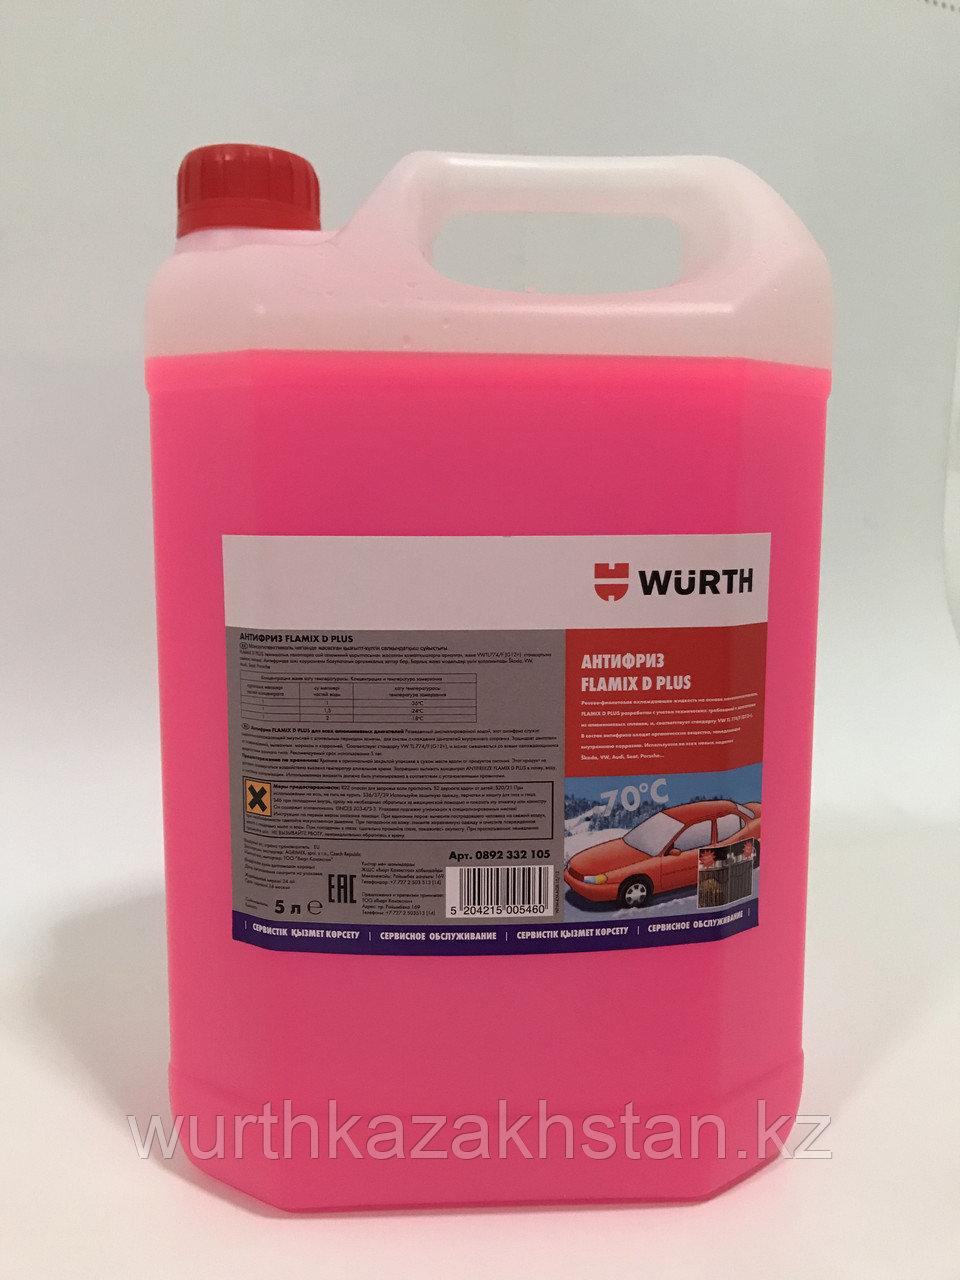 Антифриз FLAMIX D PLUS, 5 л. красно-фиолетовый